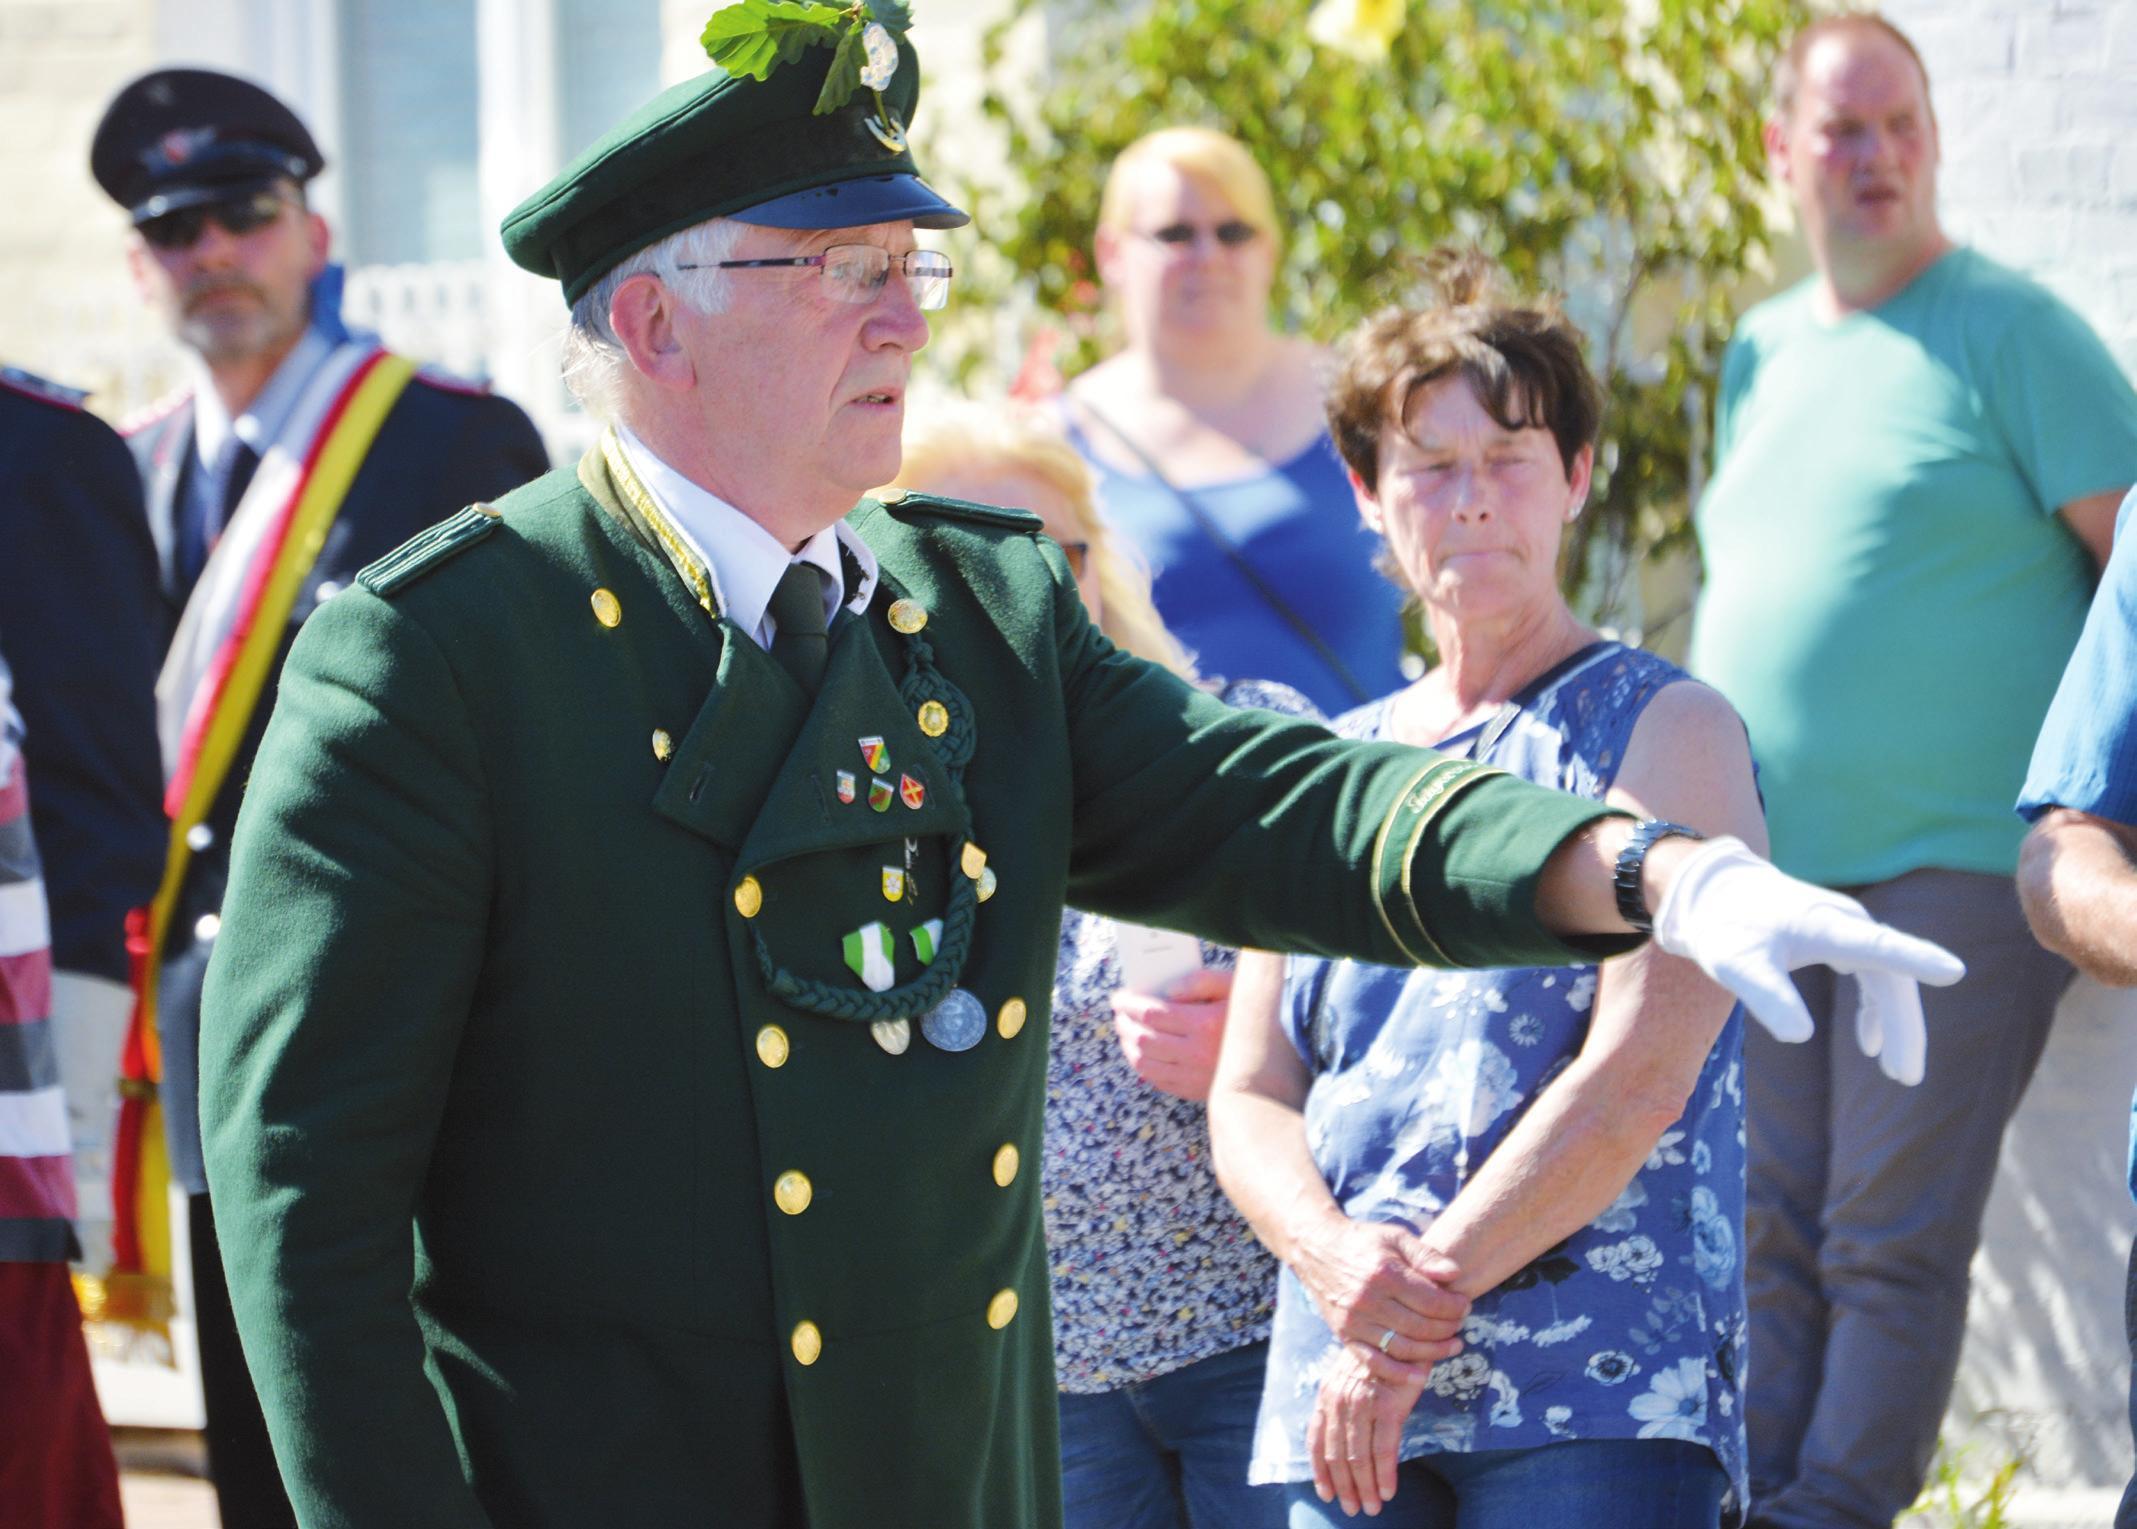 Ortsbürgermeister Karl-Heinrich Rohlf beim Ausmarsch.